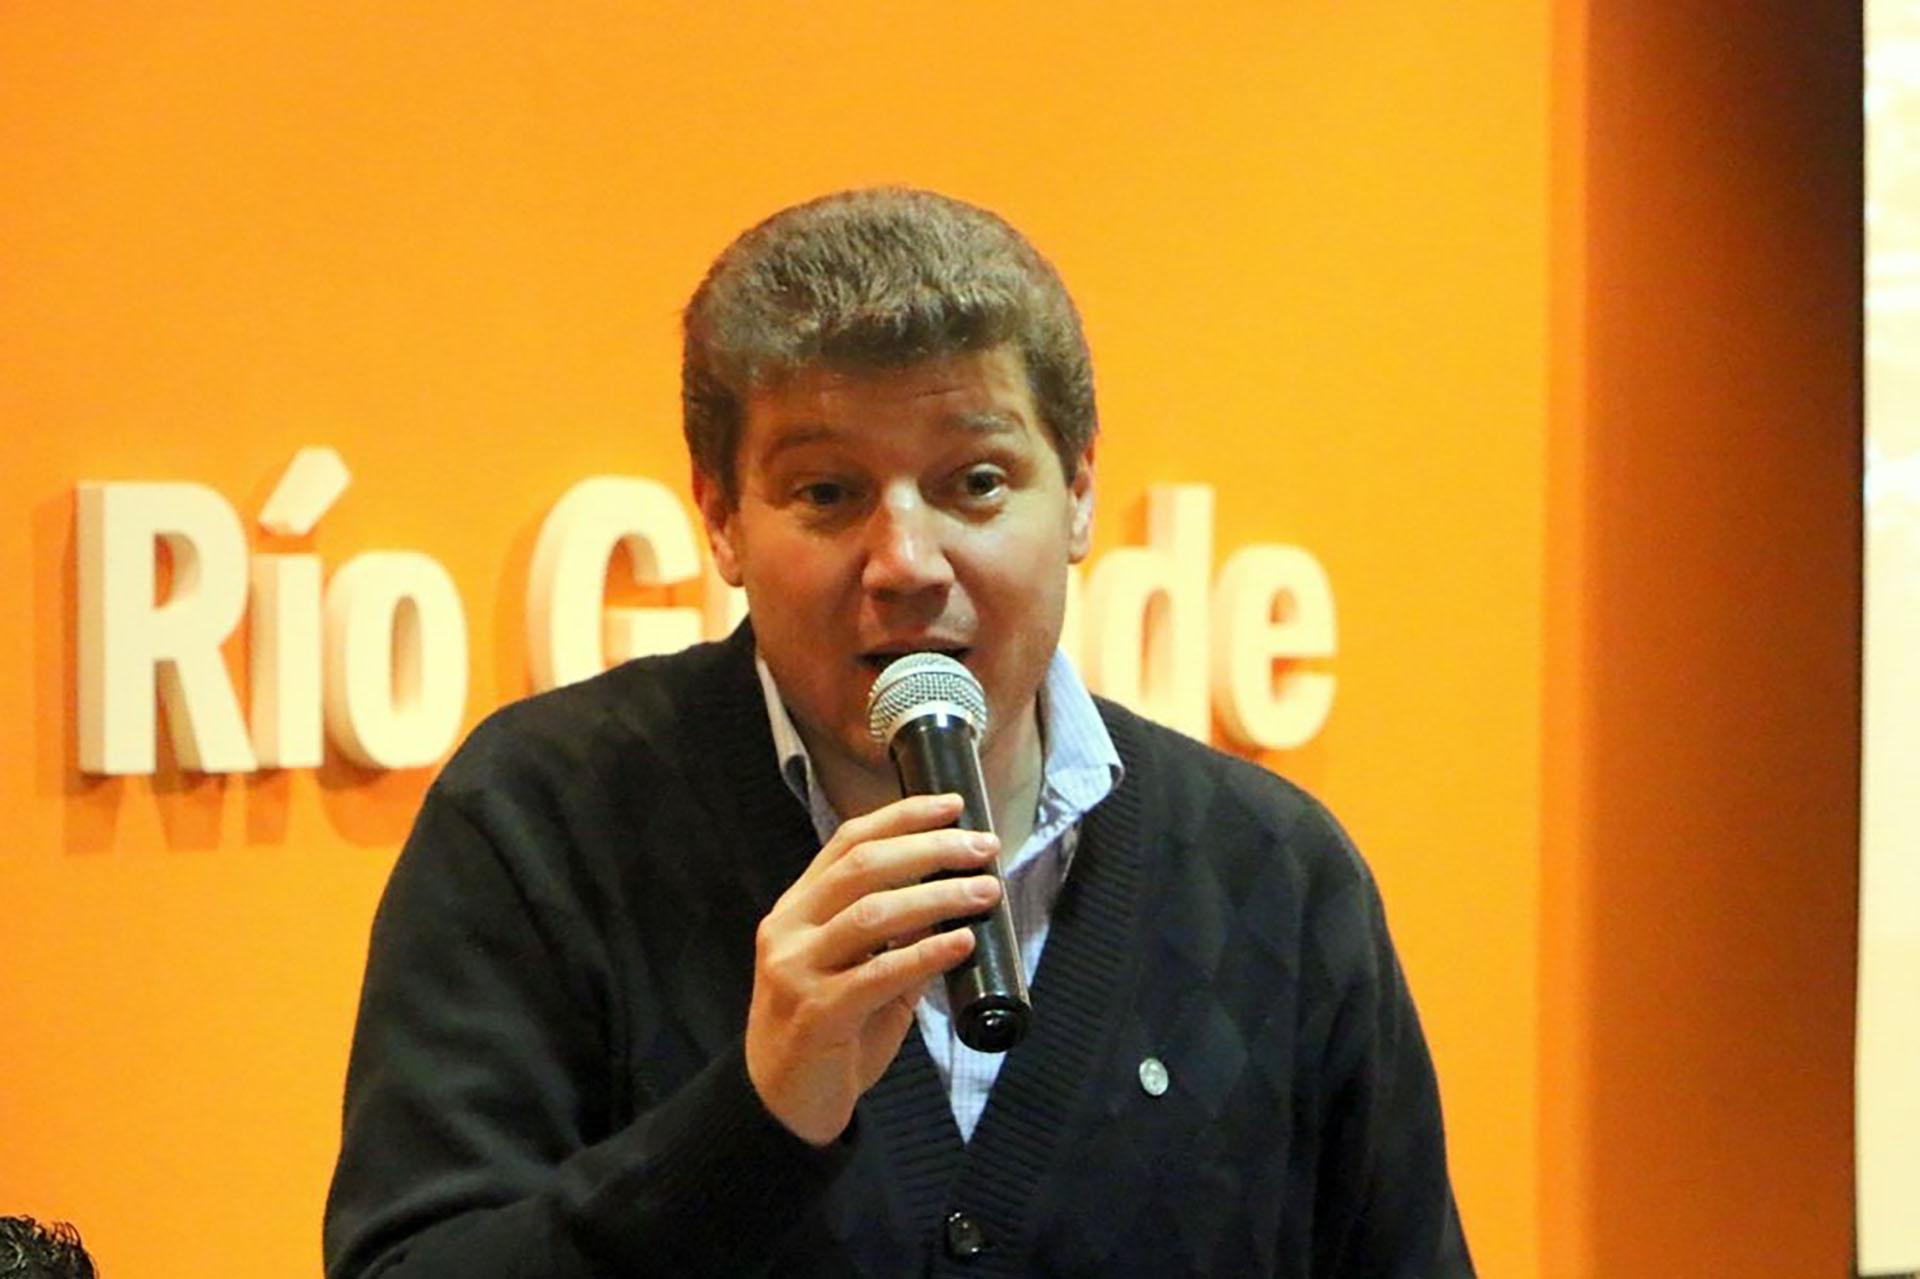 Investigacion al Intendente Melella en Rio Grande Gustavo Melella crédito Sur54